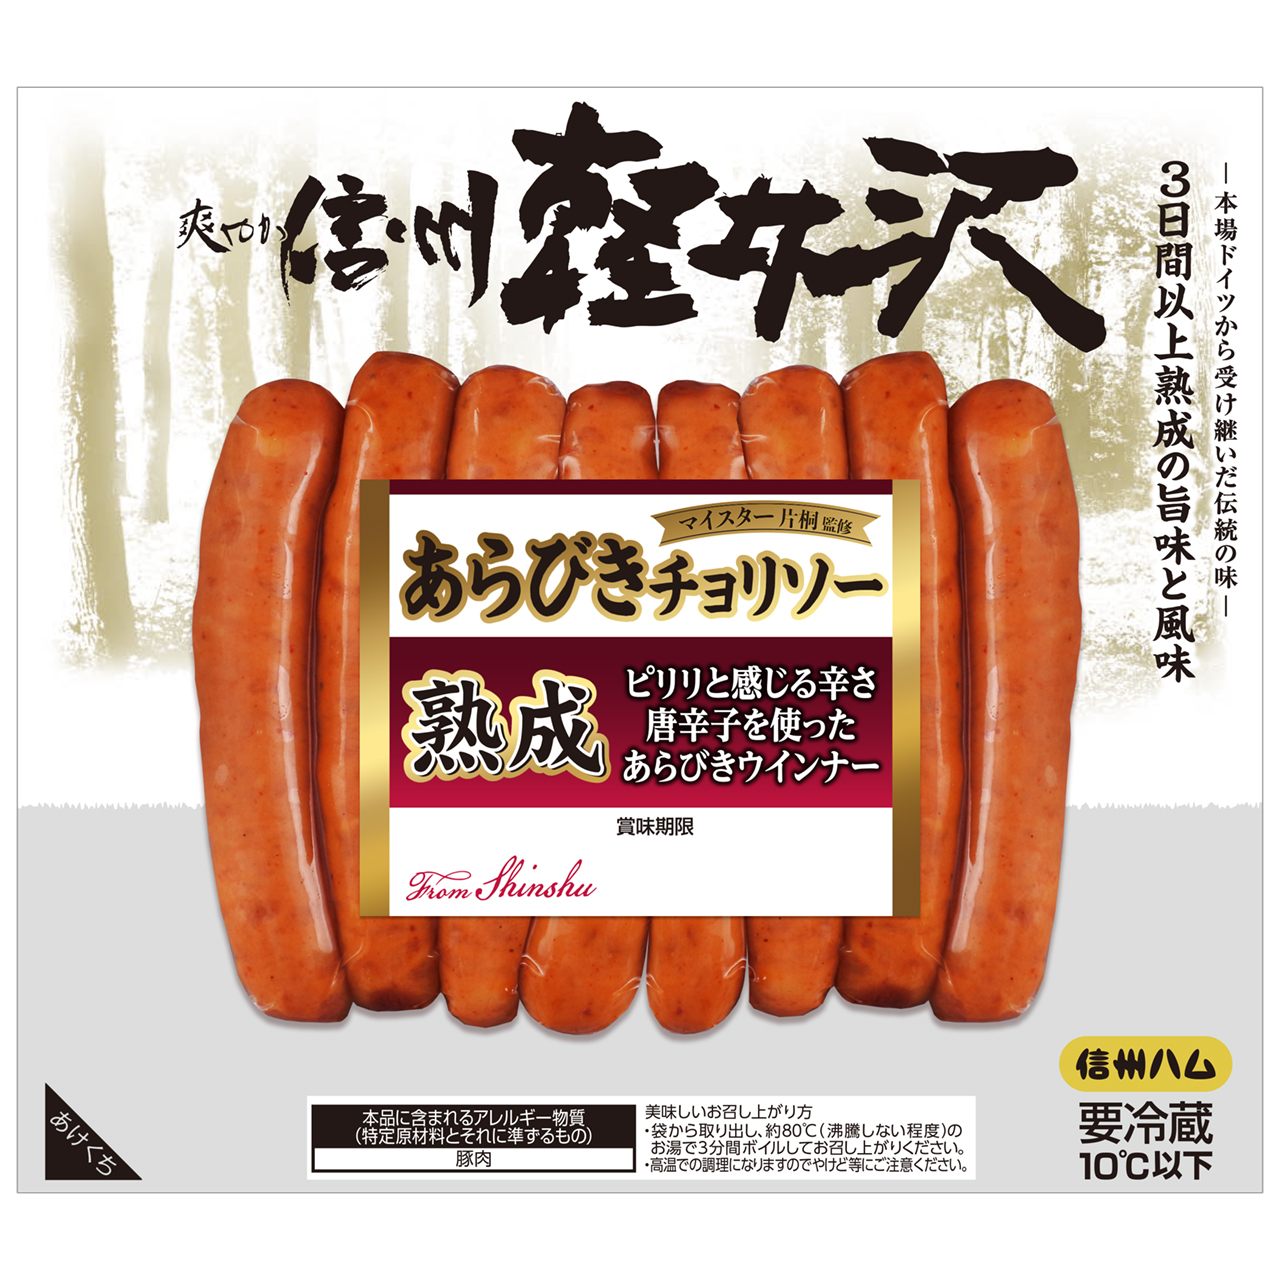 爽やか信州軽井沢 あらびきチョリソー 160g